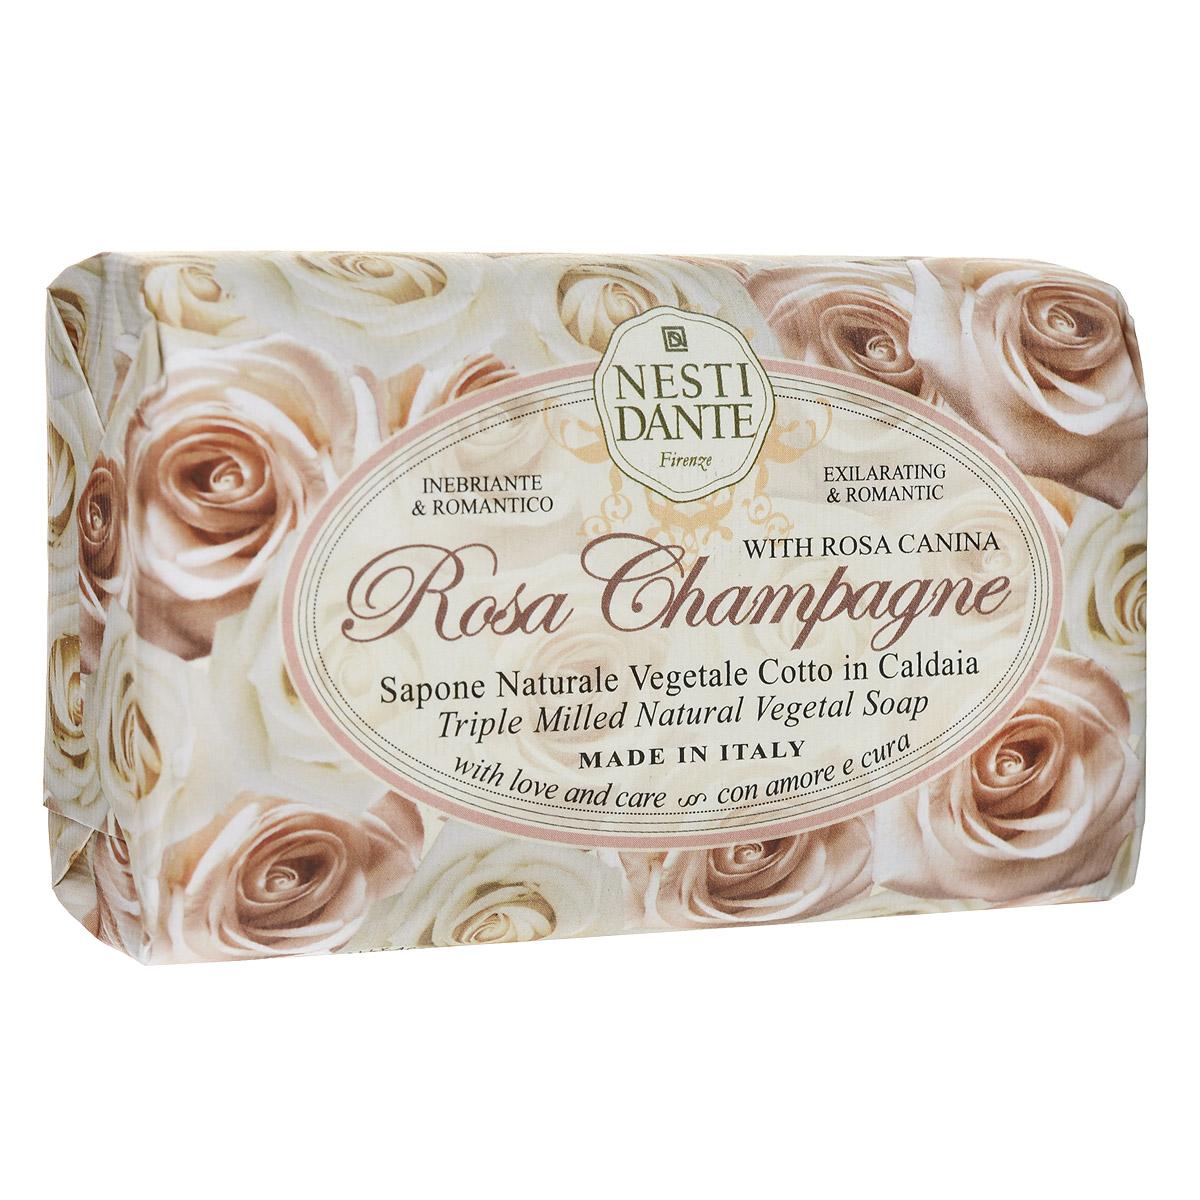 Nesti Dante Мыло Rose Champagne, 150 г23075Мыло Nesti Dante Rose Champagne - увлажняющее мыло с ароматом нежных, как шелк, лепестков розы. Характеристики:Вес: 150 г. Артикул: 1323106. Производитель: Италия. Товар сертифицирован.